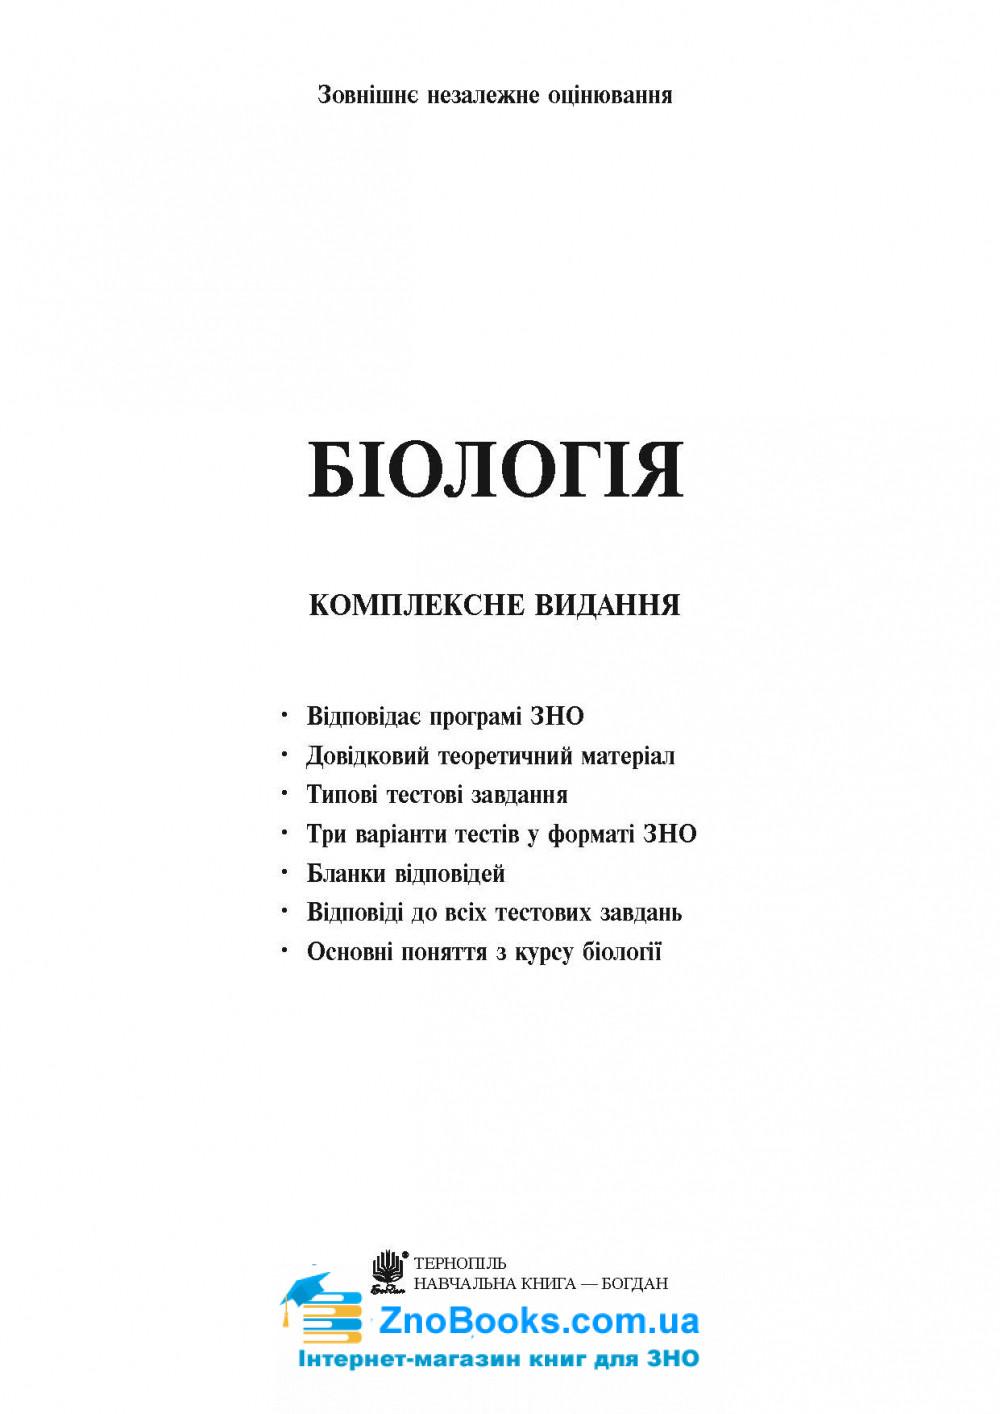 Біологія ЗНО 2022 : комплексне видання: Олійник І. В. Навчальна книга - Богдан. купити 1